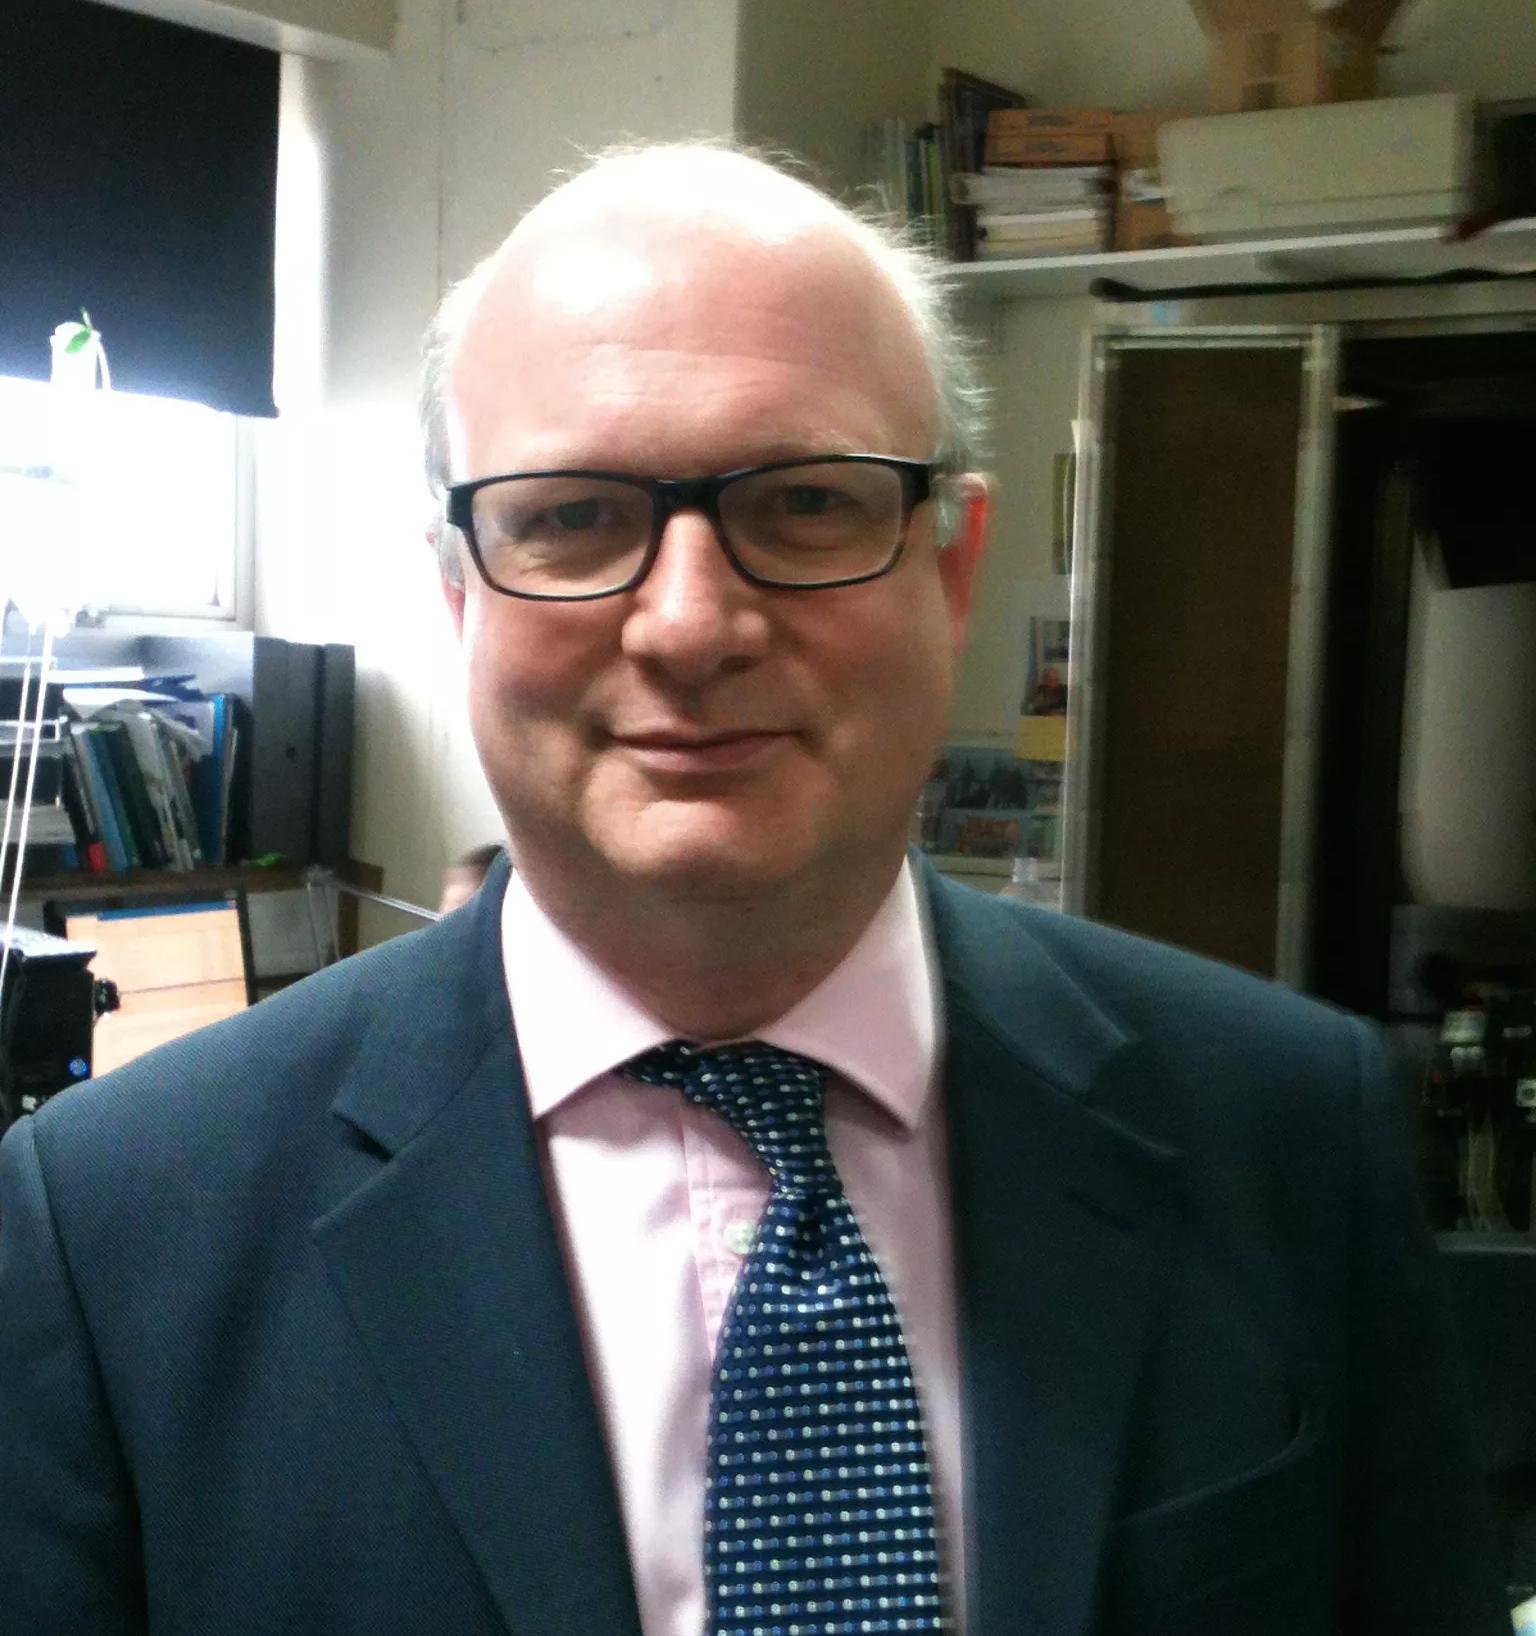 Matthew Walker, giáo sư khoa học thần kinh và tâm lý học Đại học California, Berkeley (Mỹ)